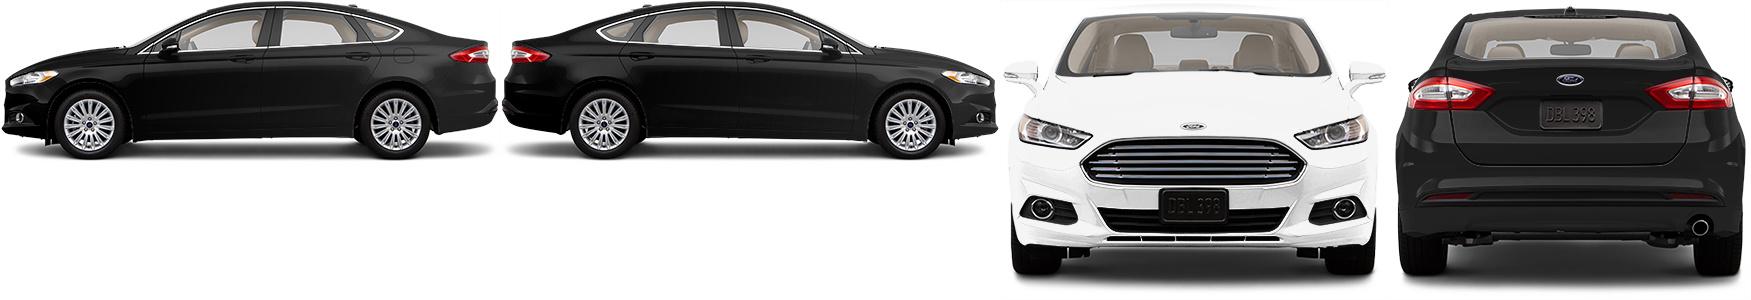 Sedan Wrap #47954